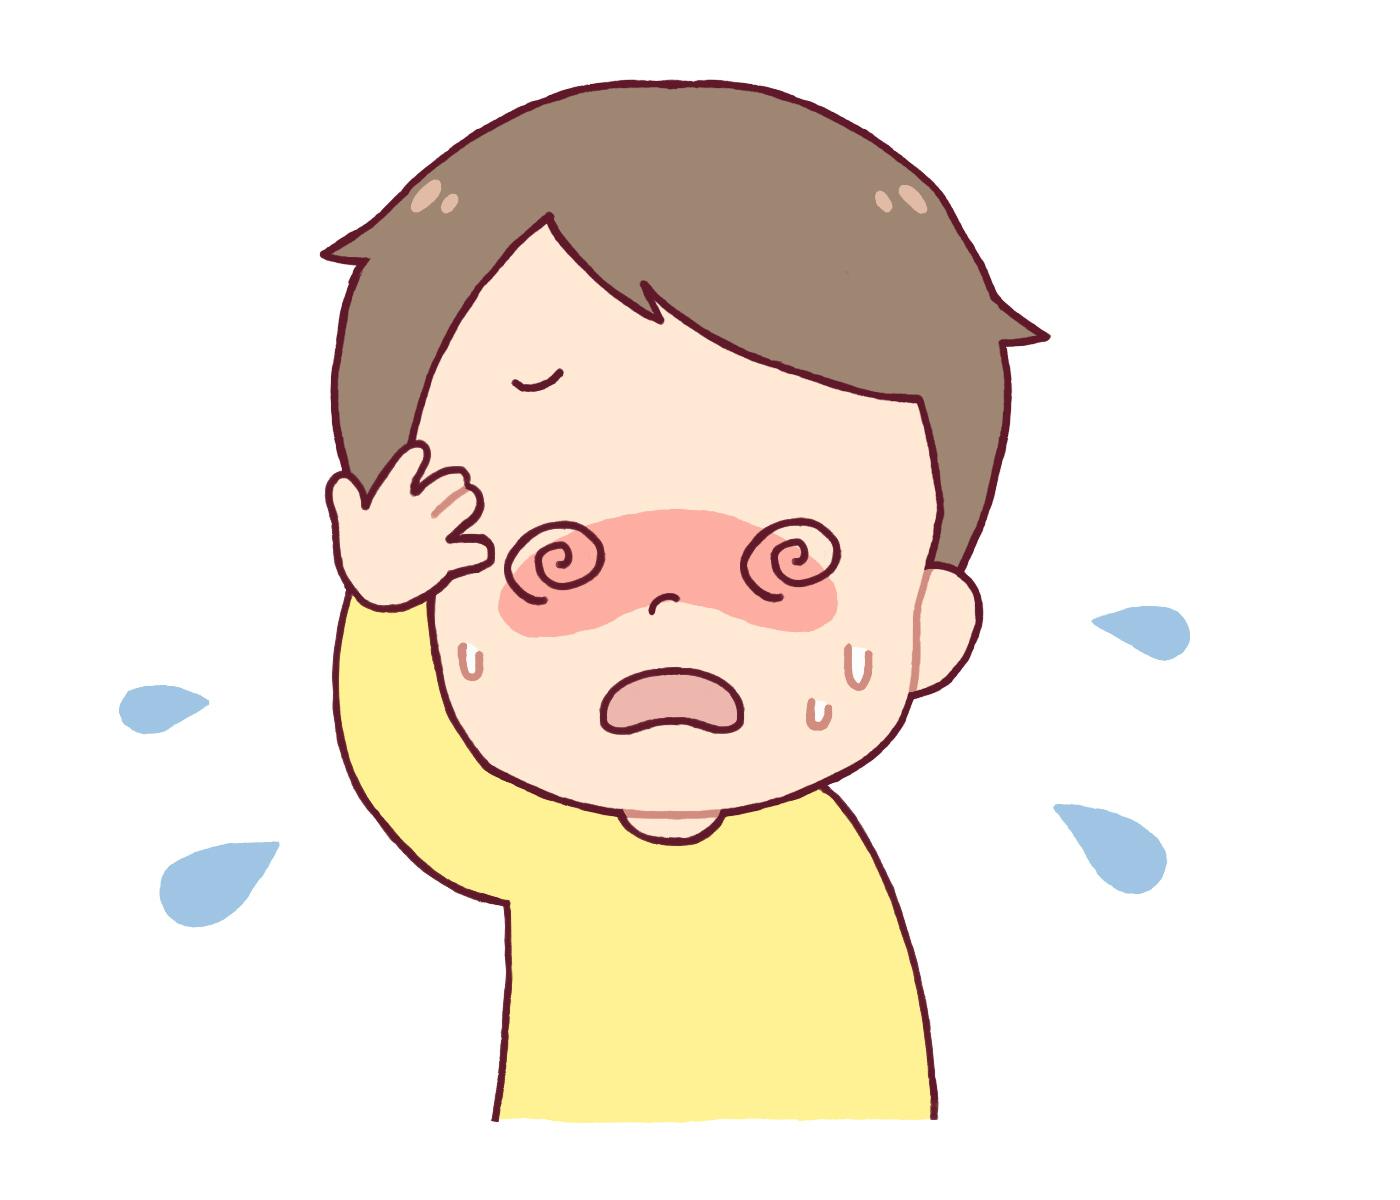 子供 脱水症状,子供 脱水症状 対策,子供 脱水症状 水分補給